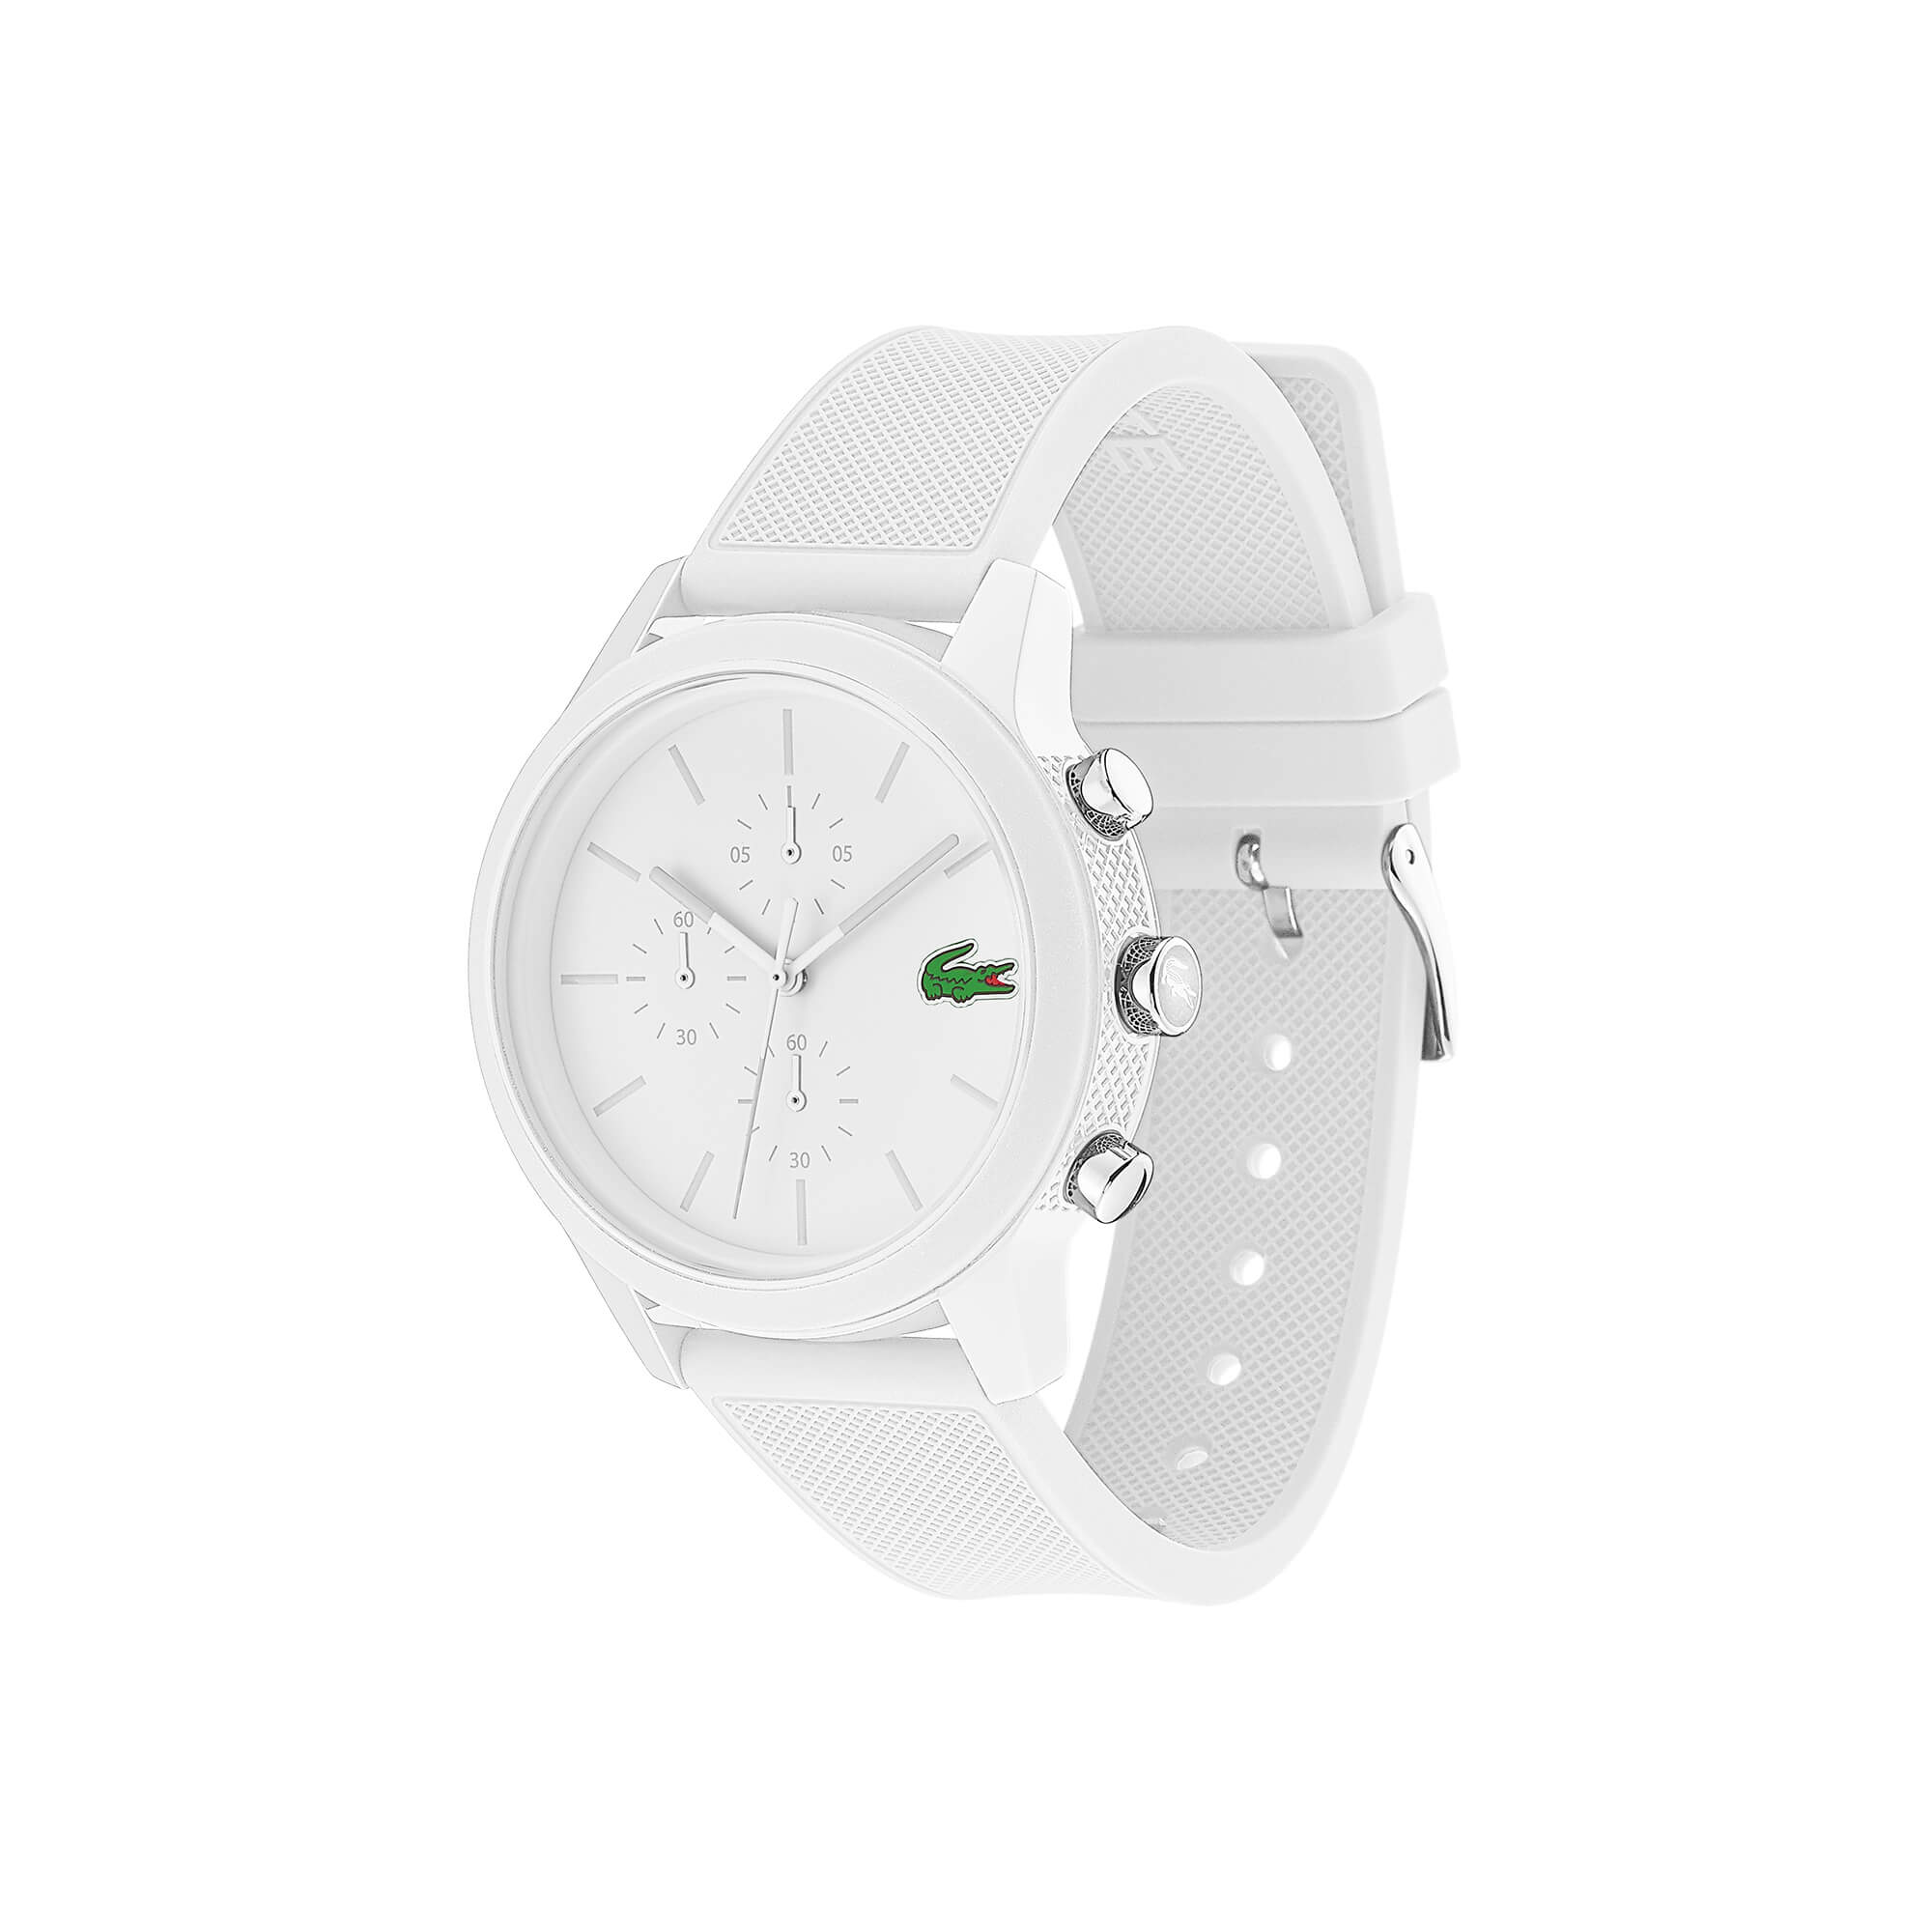 Montre Chrono Lacoste12.12 Homme avec Bracelet Blanc en Silicone